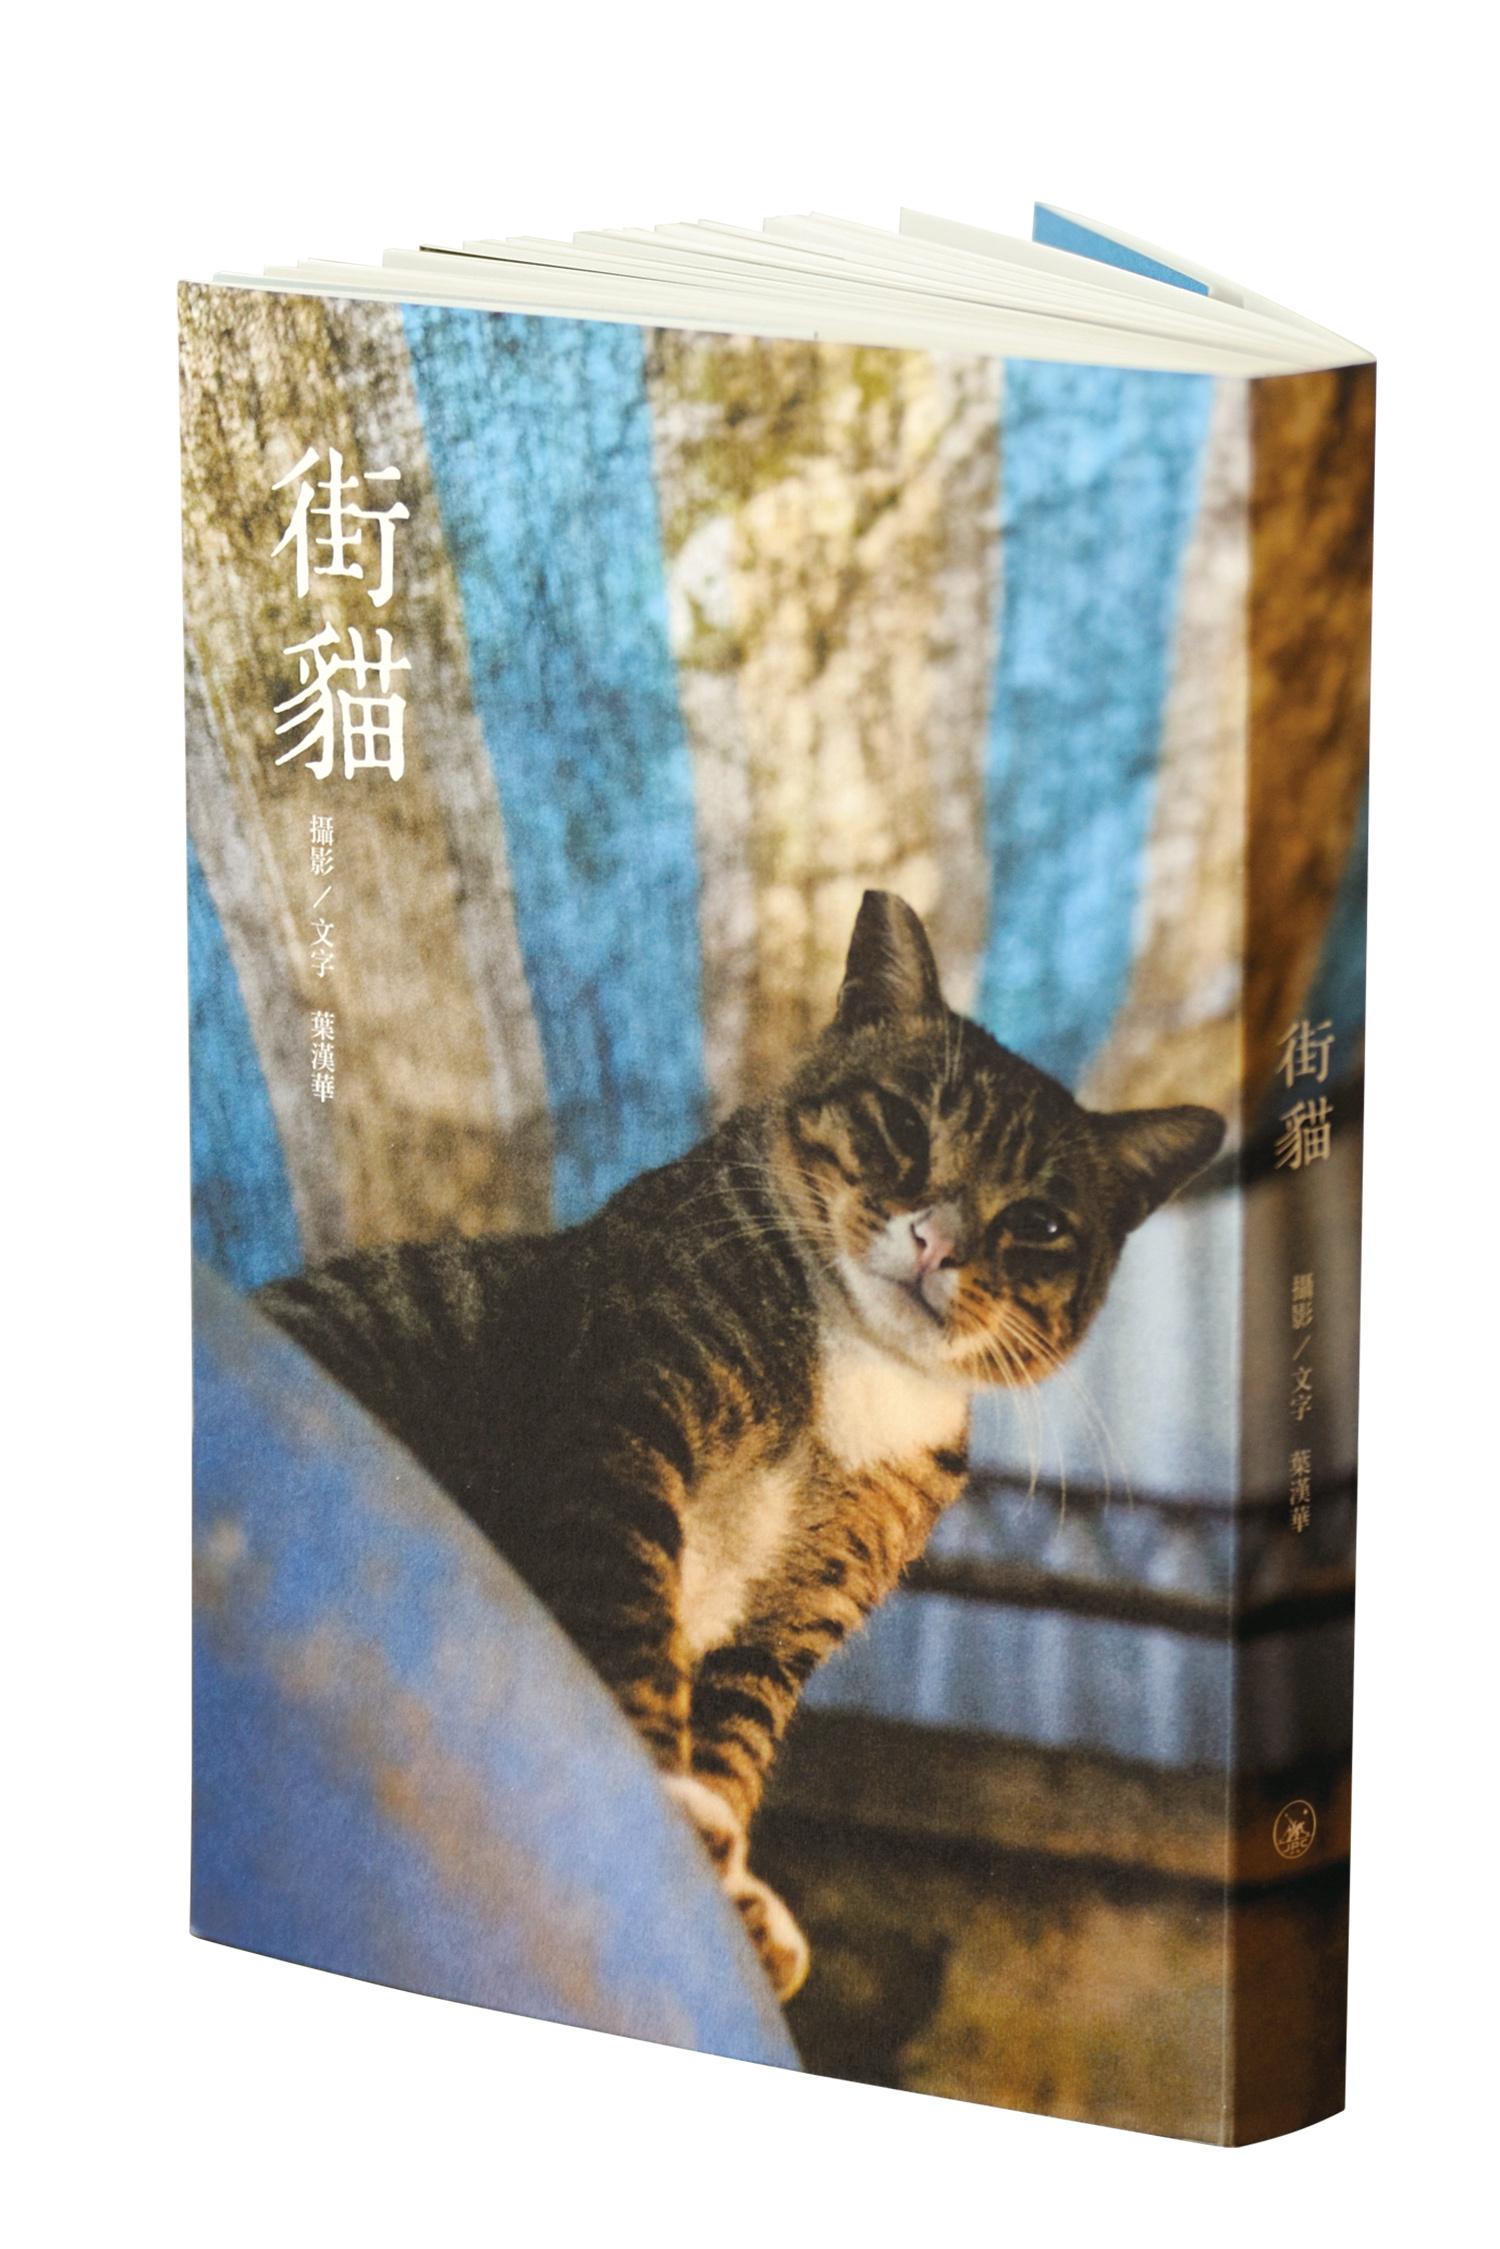 出版以来、本業より街猫のカメラマンとして注目を集めている